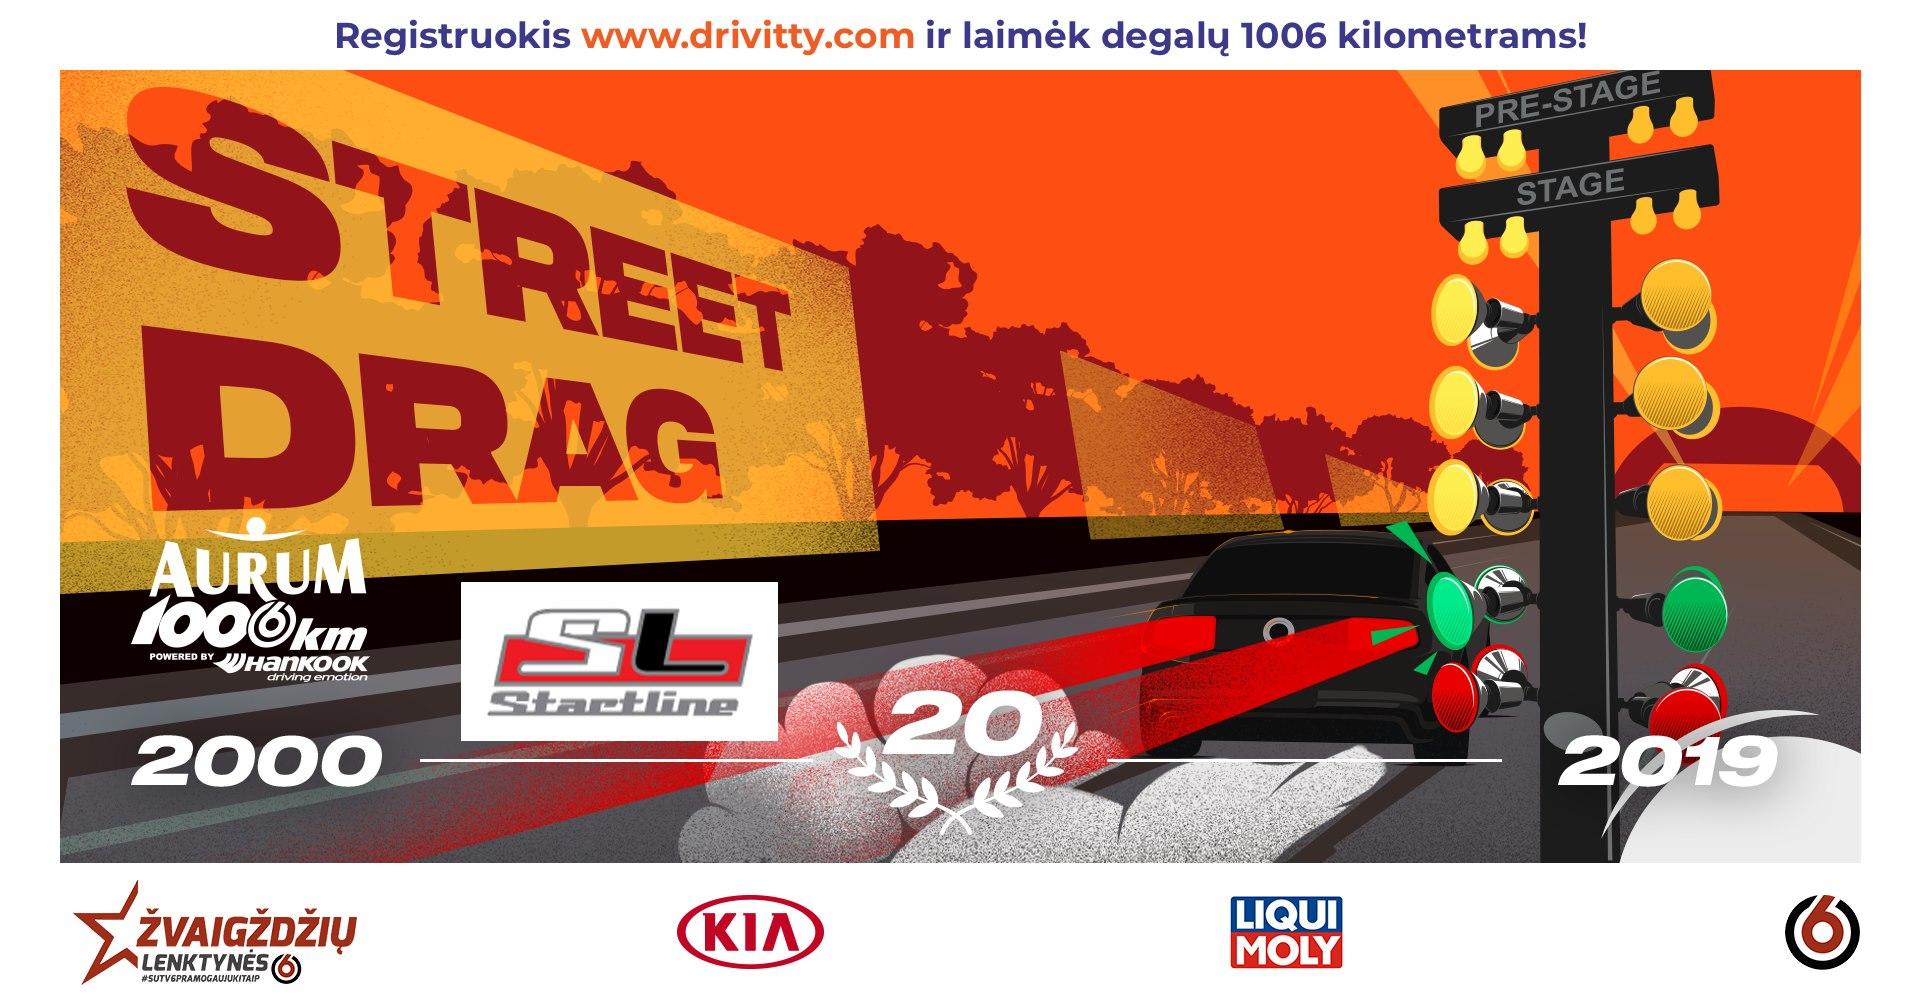 Street Drag by StartLine // Aurum 1006 km